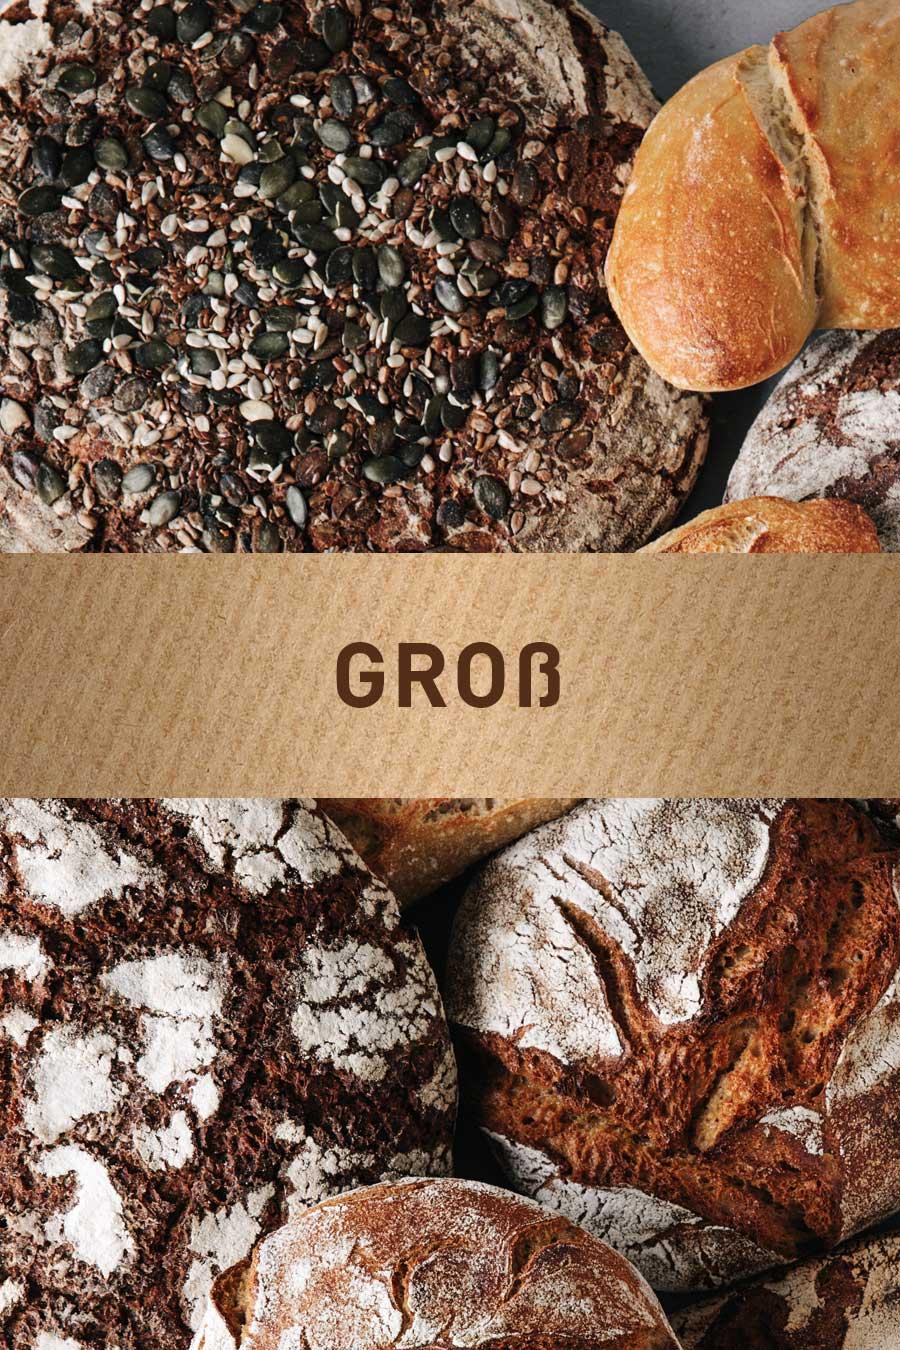 Wiener Brot Groß